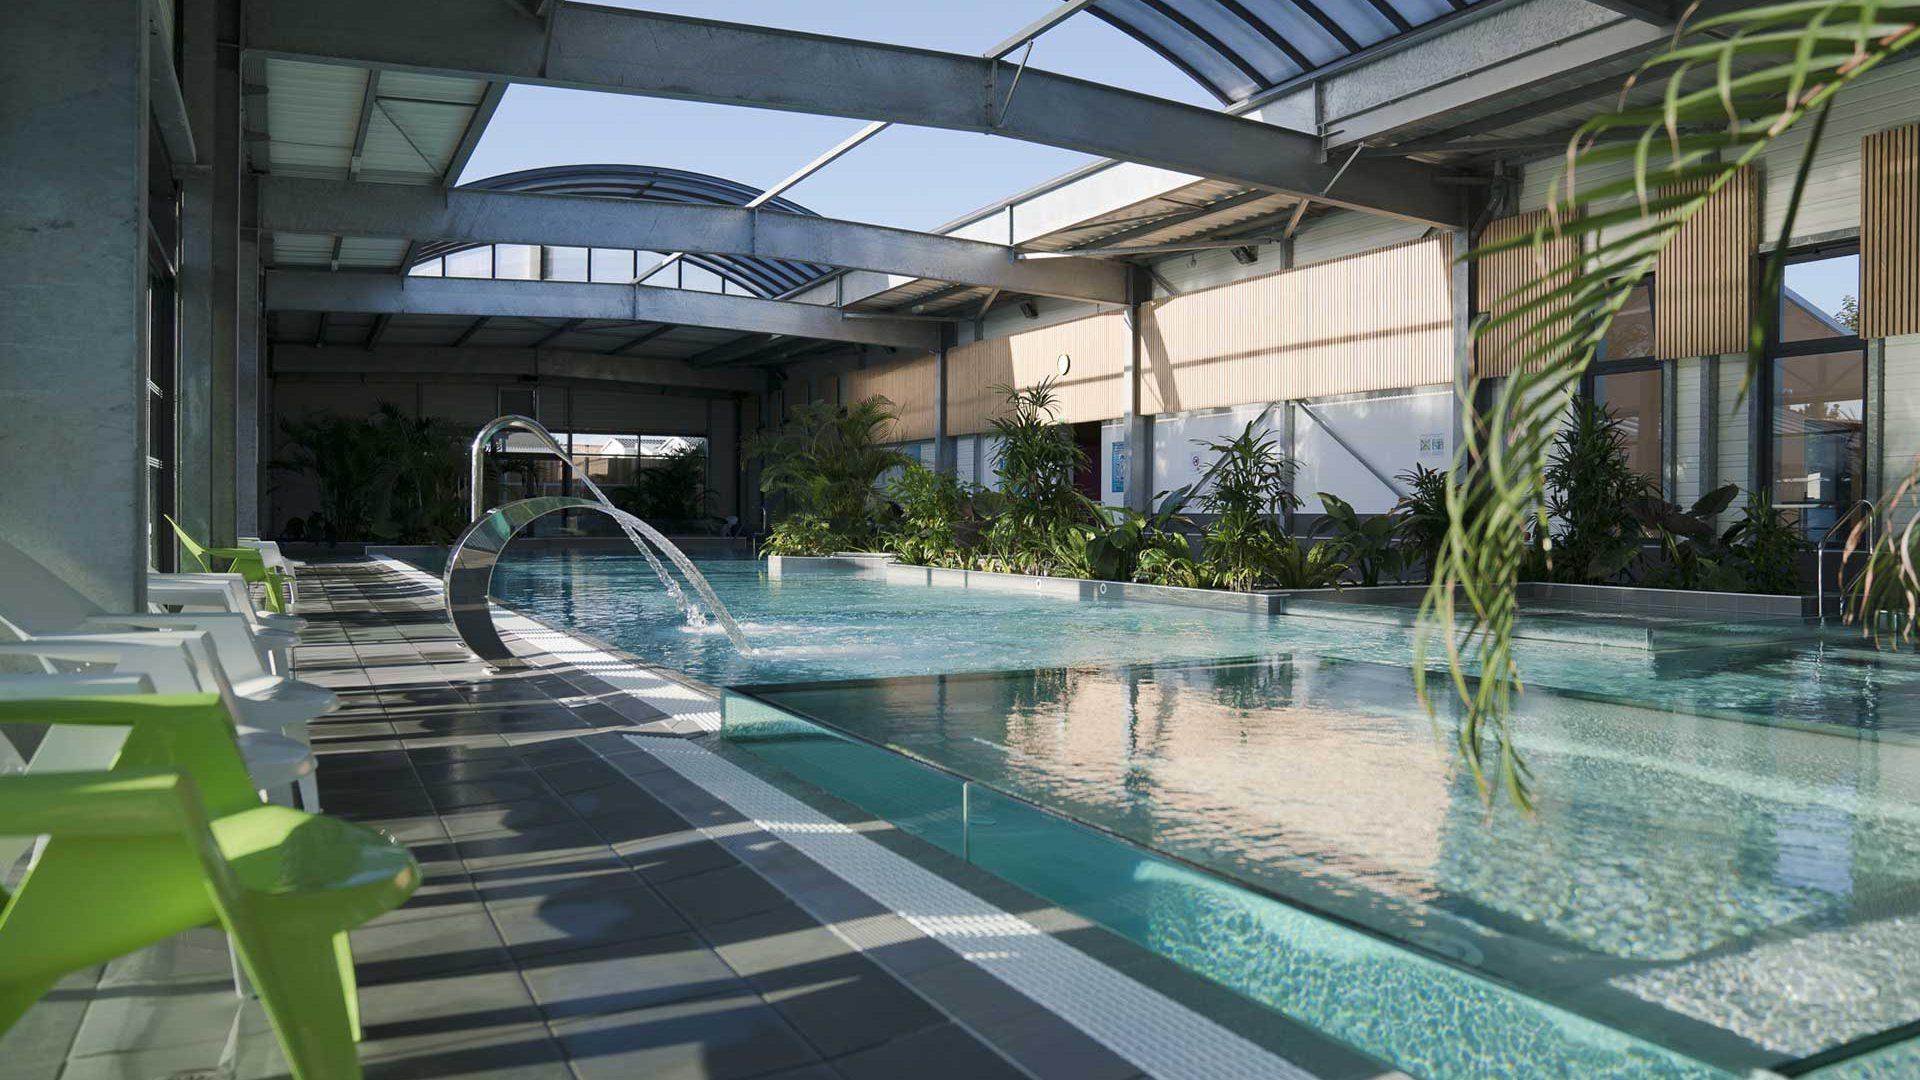 Constructeur De Piscine Sur Mesure En Vendée - Pool And Co ... serapportantà Piscine Boufféré